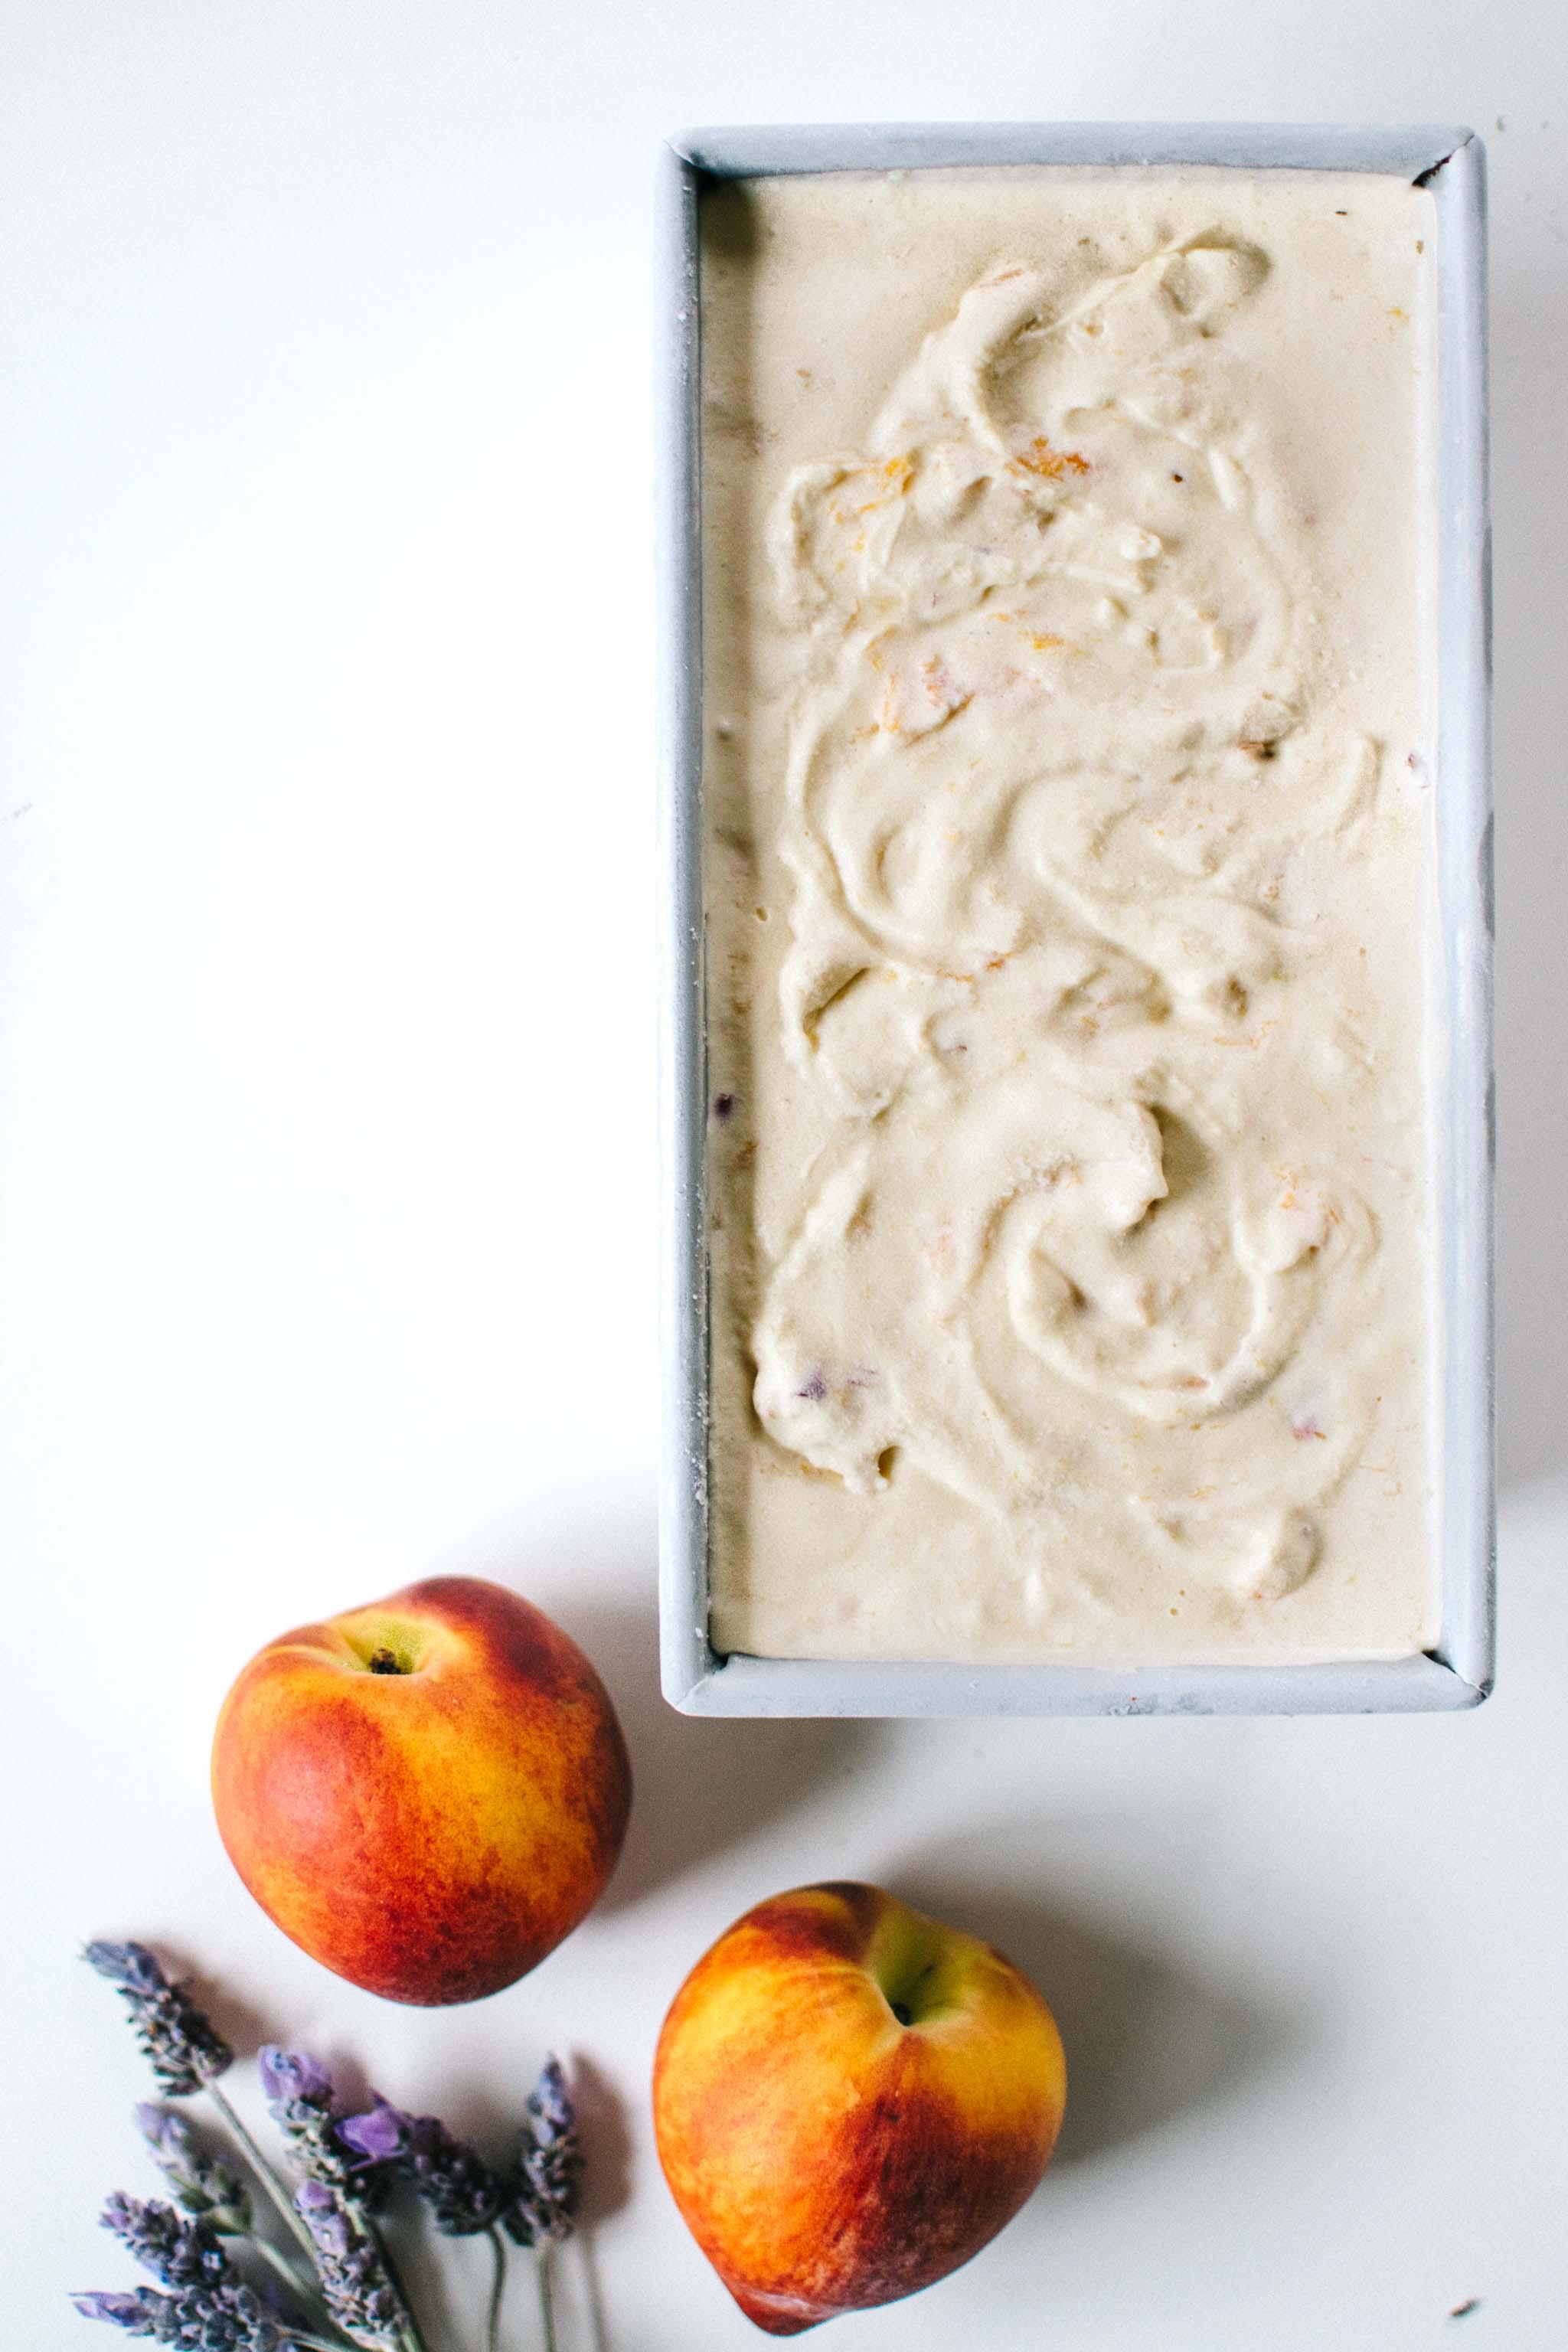 Lavender Peach Ice Cream